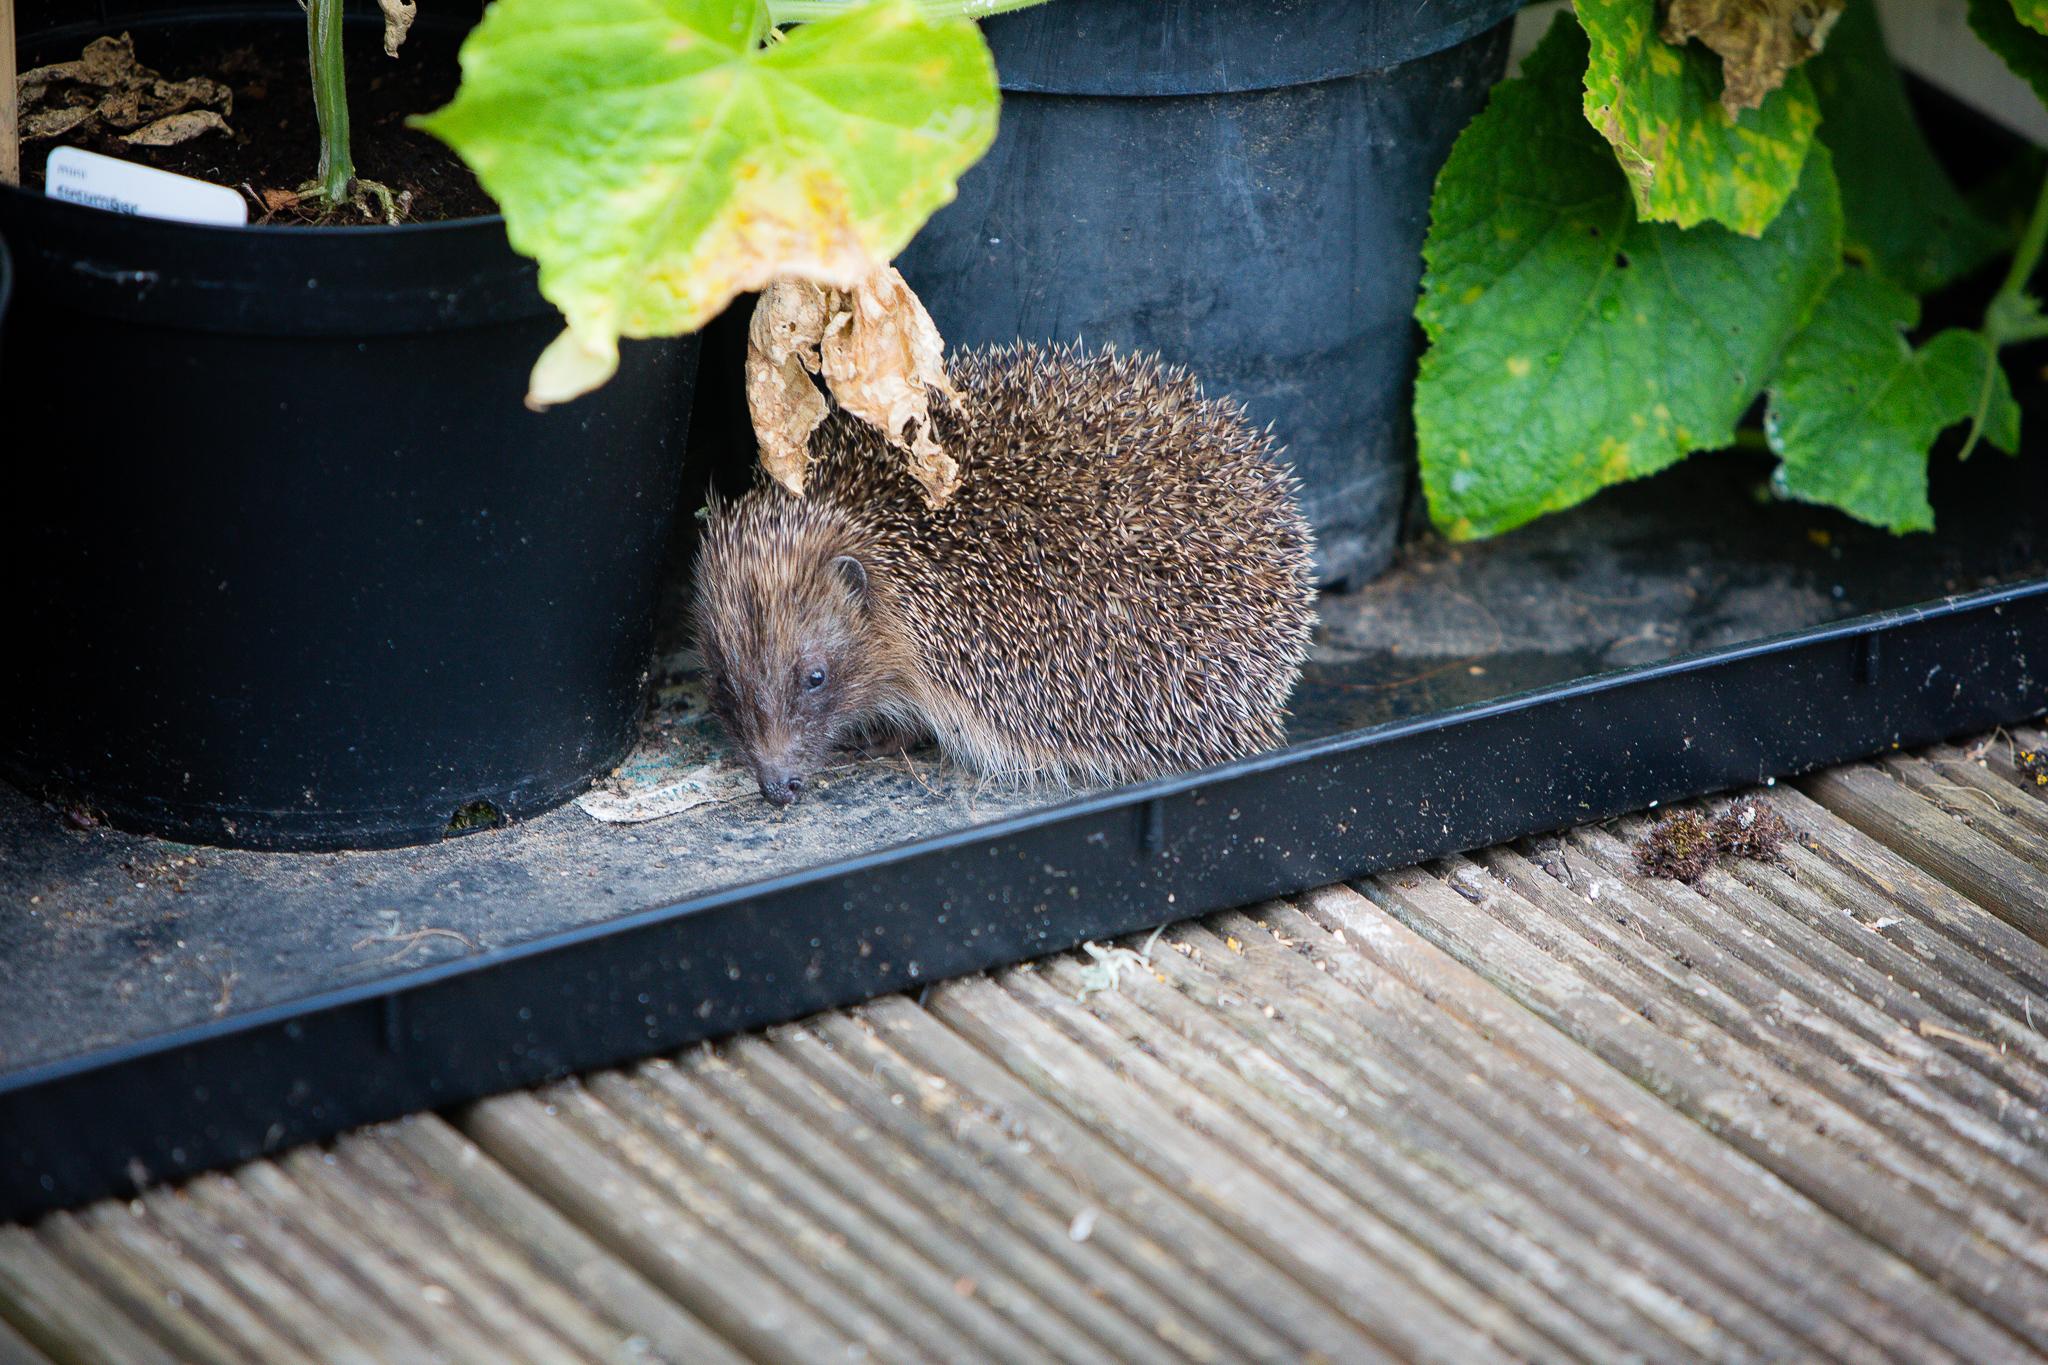 30 days wild hedgehog